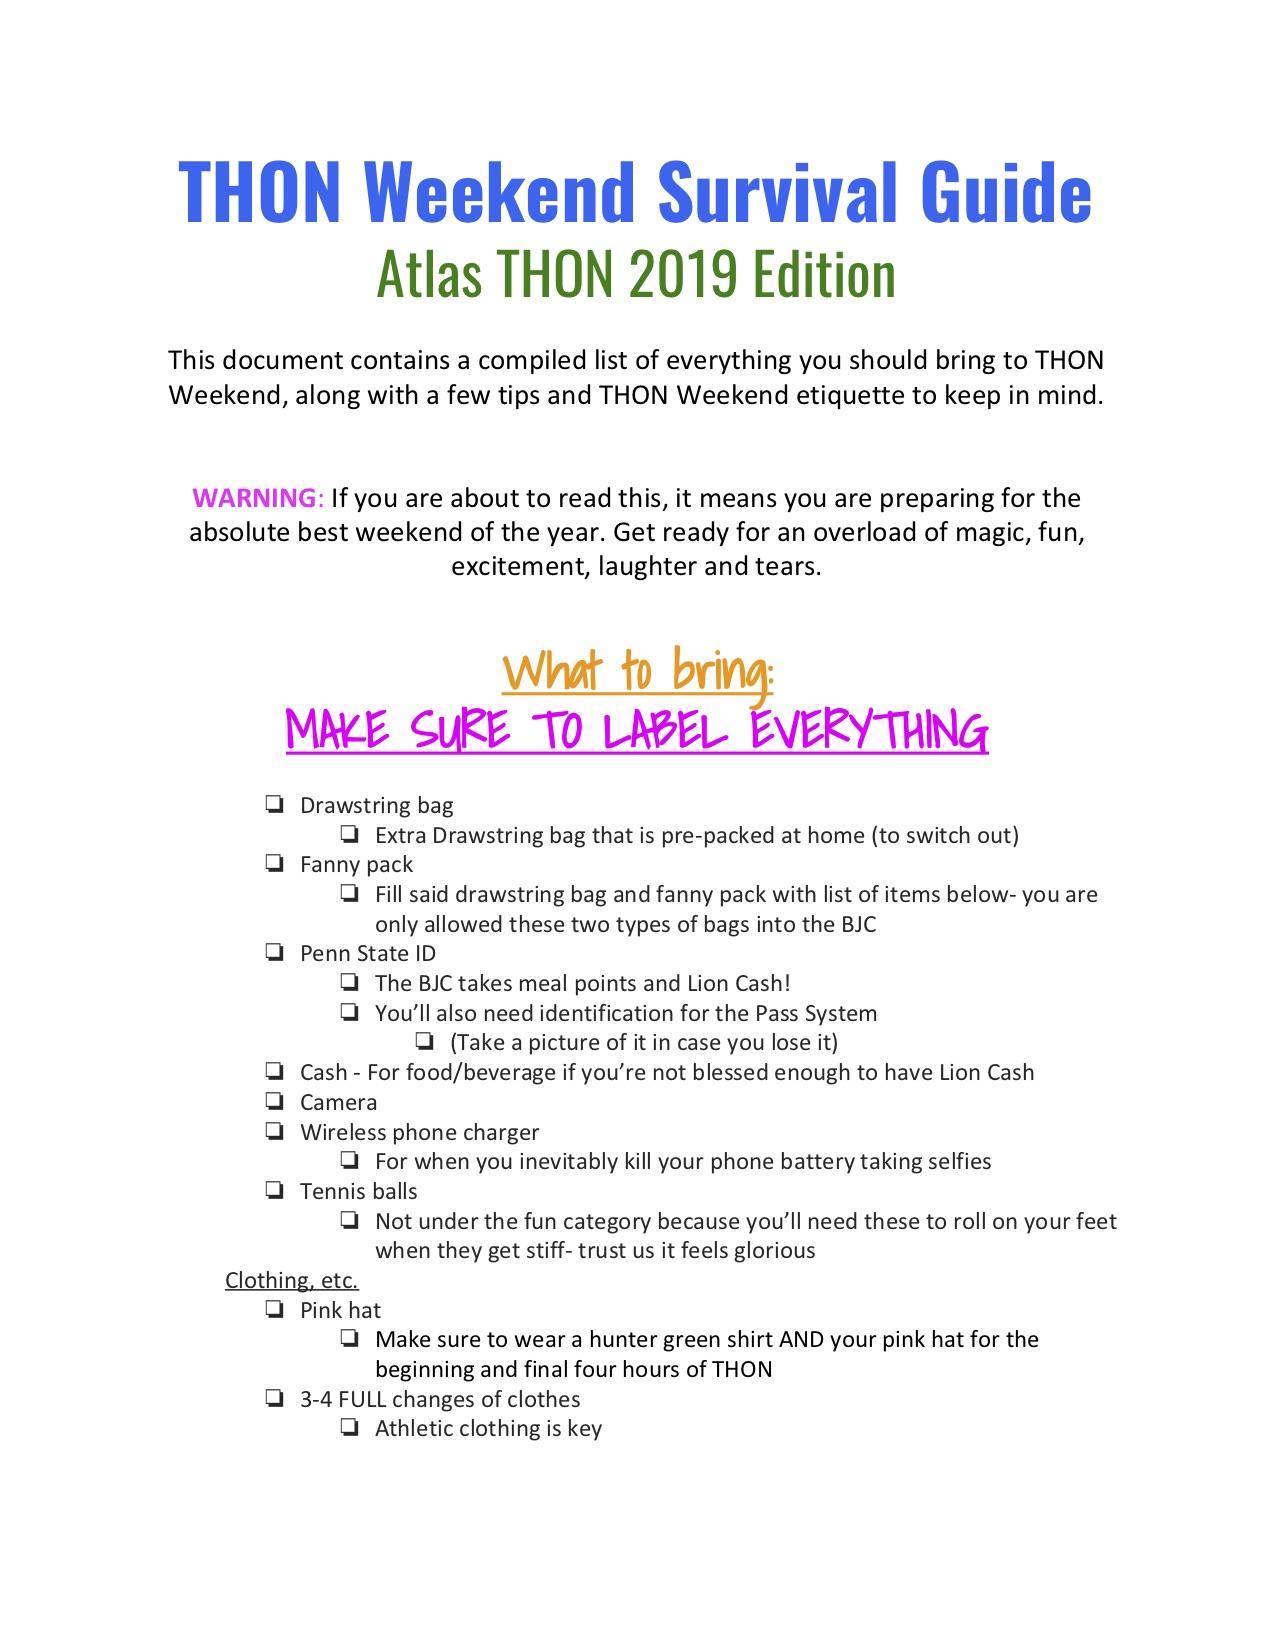 THON Weekend Survival Guide 2019.jpg